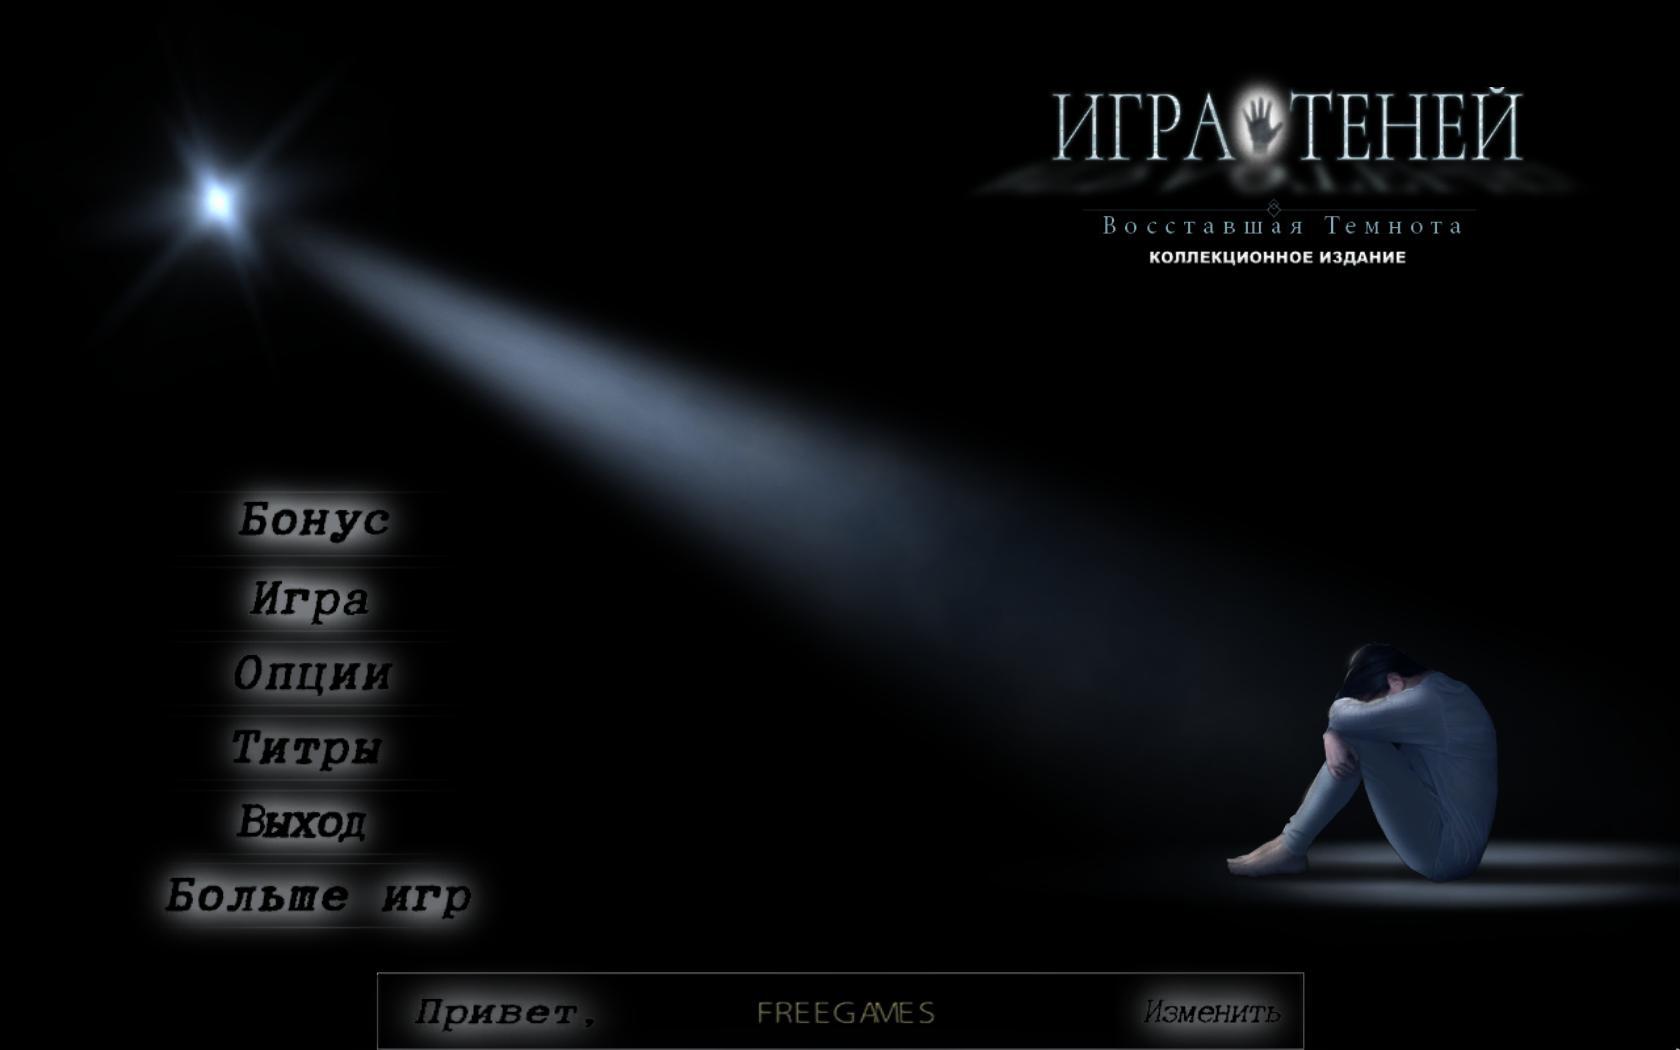 Игра теней: Восставшая темнота. Коллекционное издание | Shadowplay: Darkness Incarnate CE (Rus)